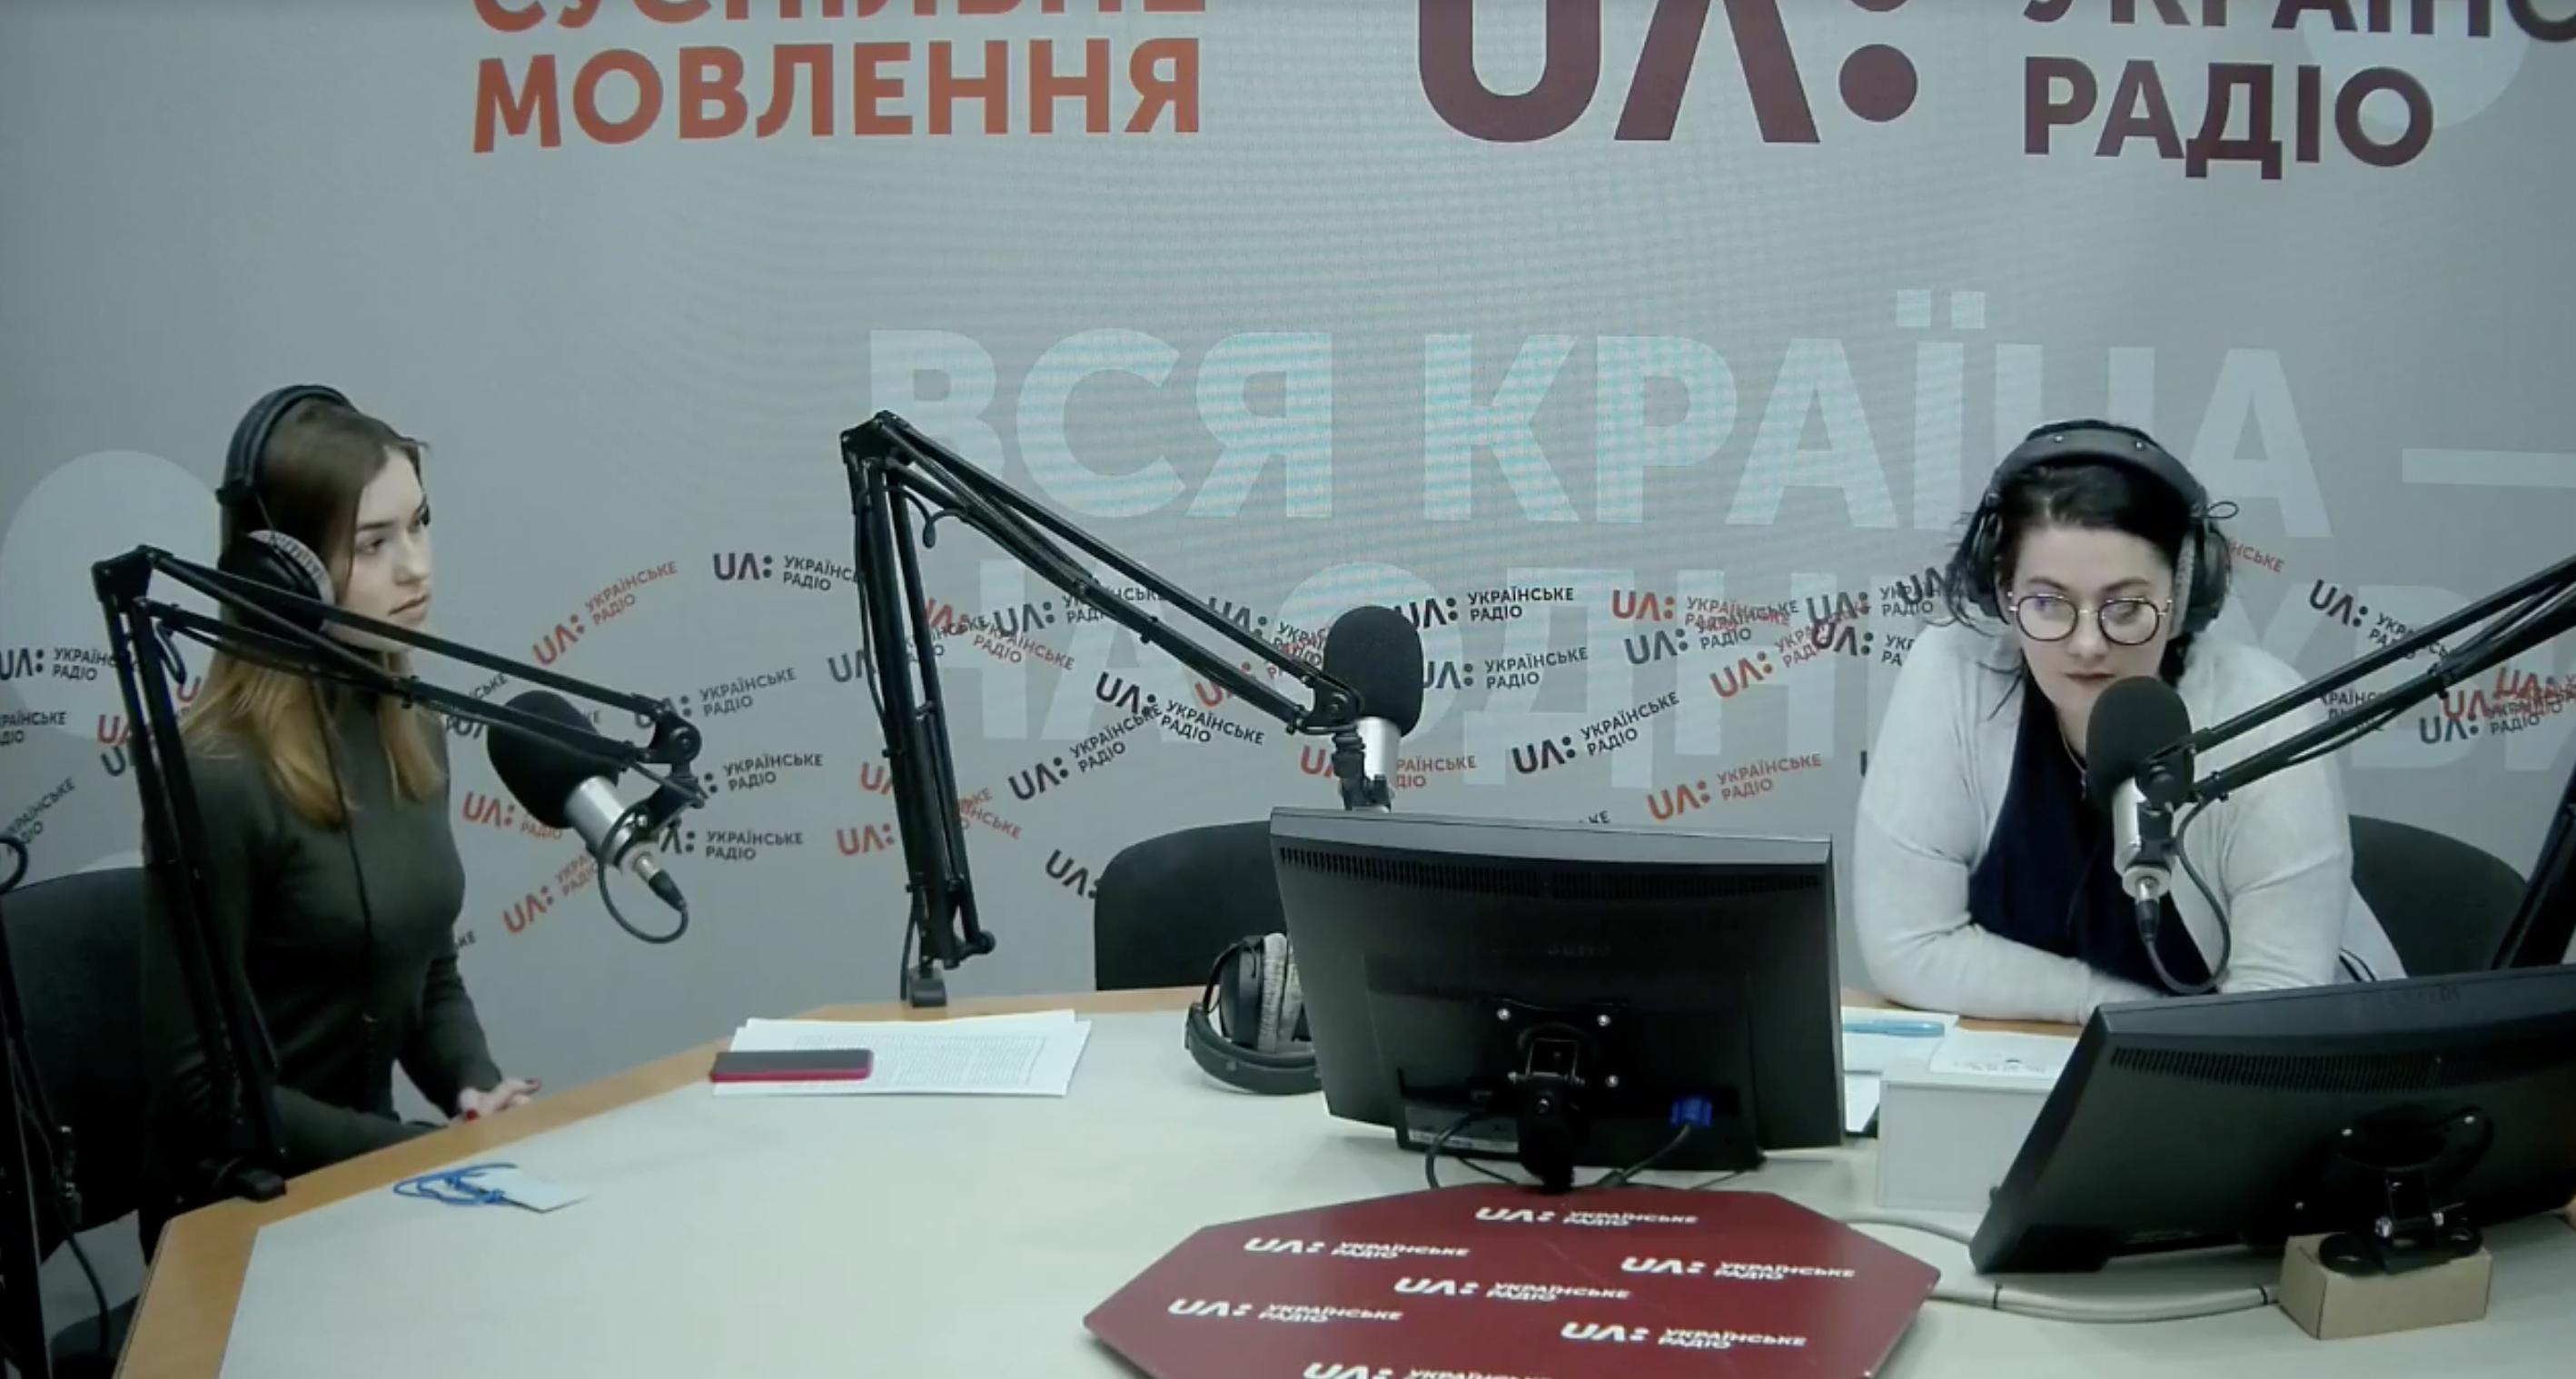 Законопроект про зміну назв військових звань в Україні